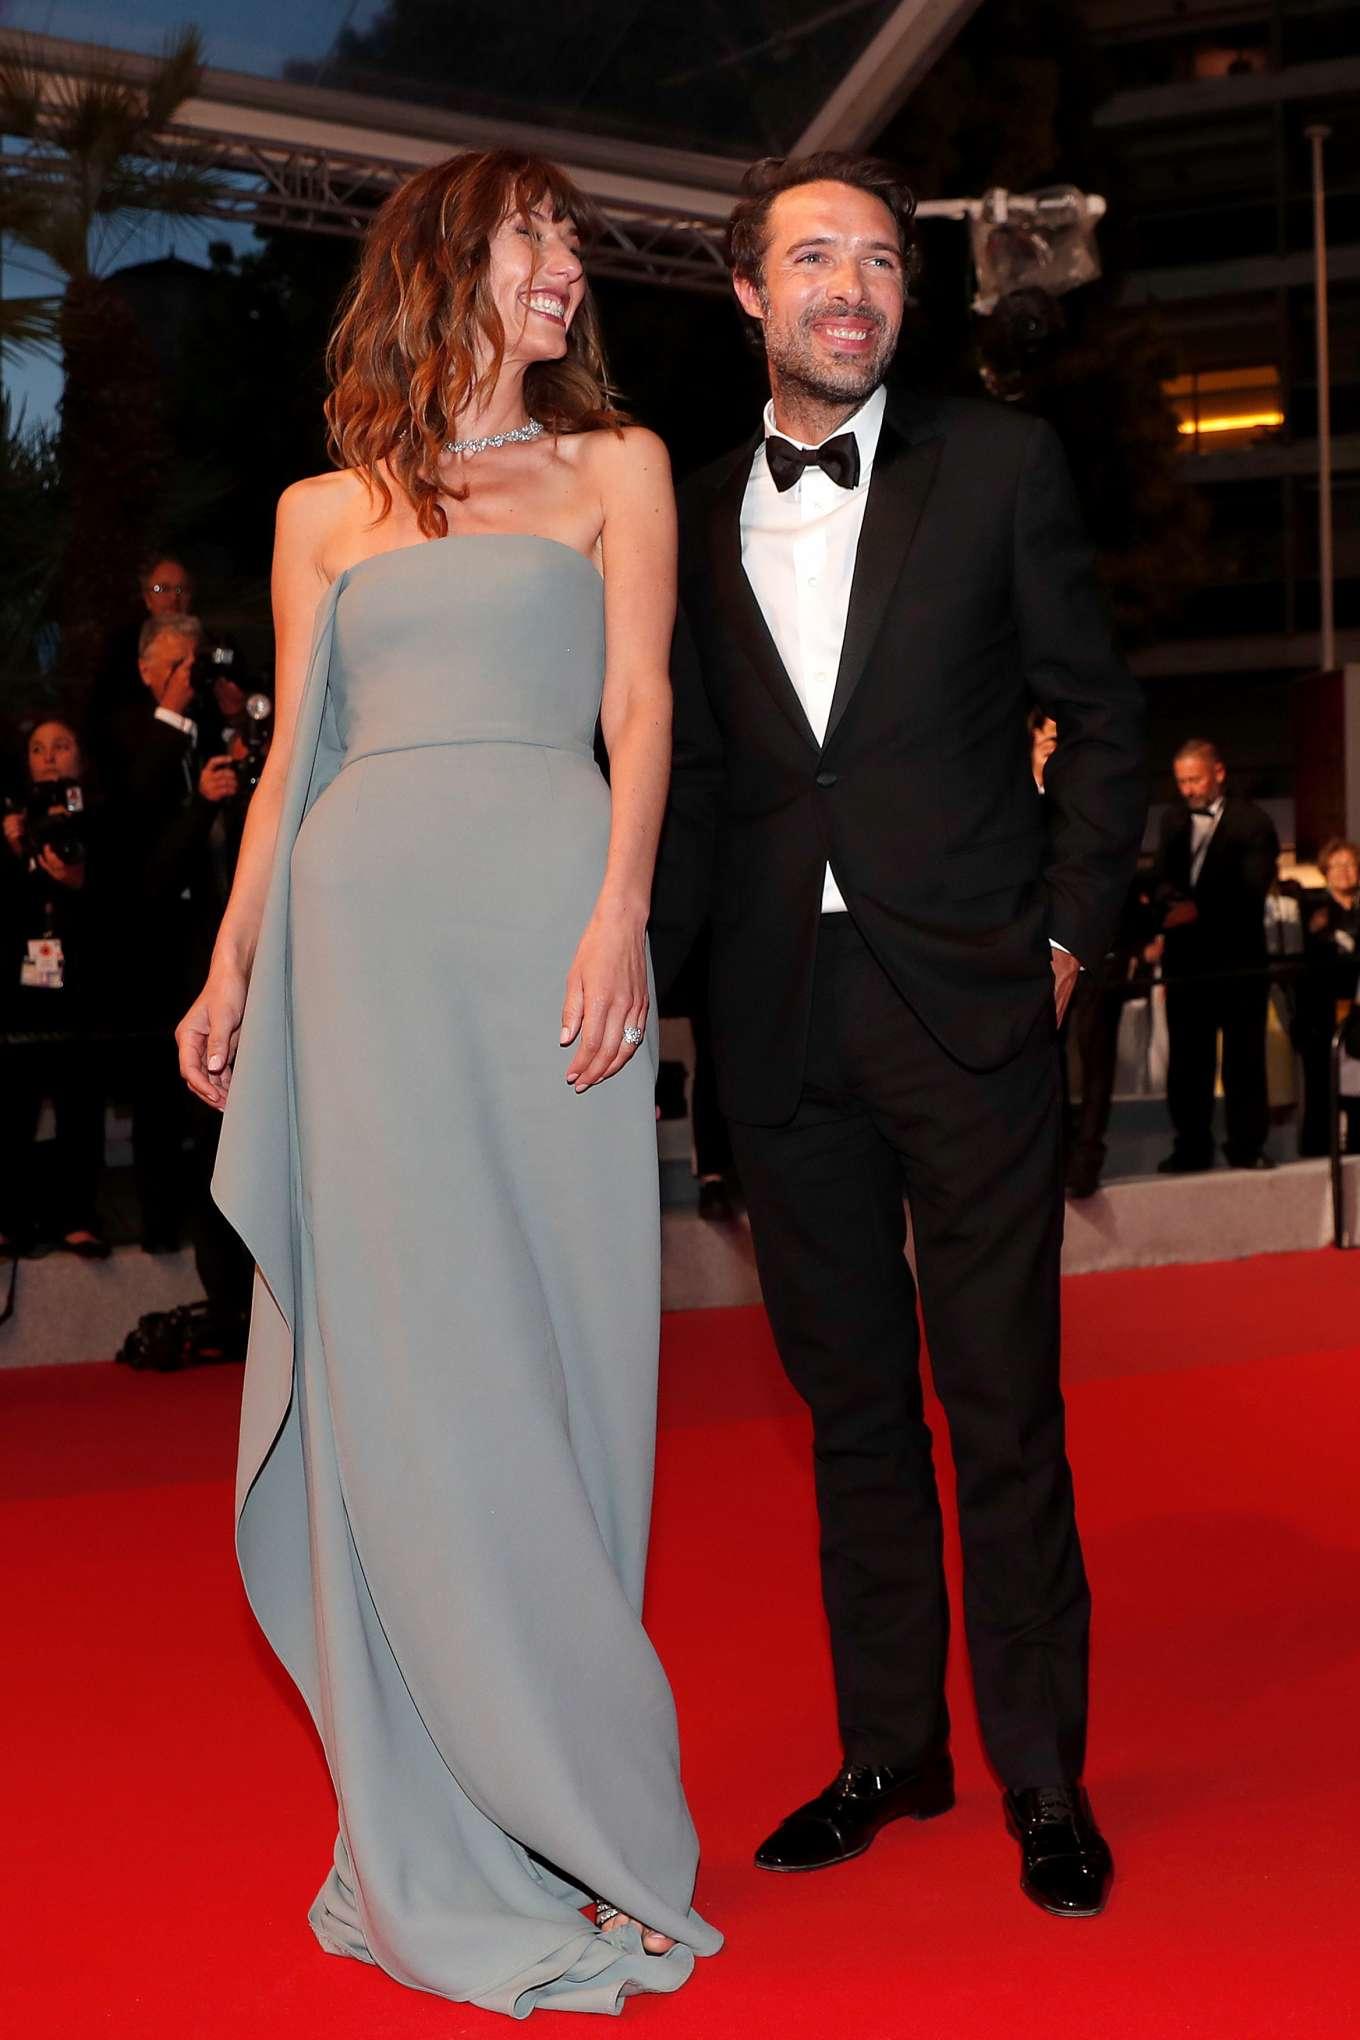 Doria Tillier 2019 : Doria Tillier: La Belle Epoque Premiere at 2019 Cannes Film Festival-13